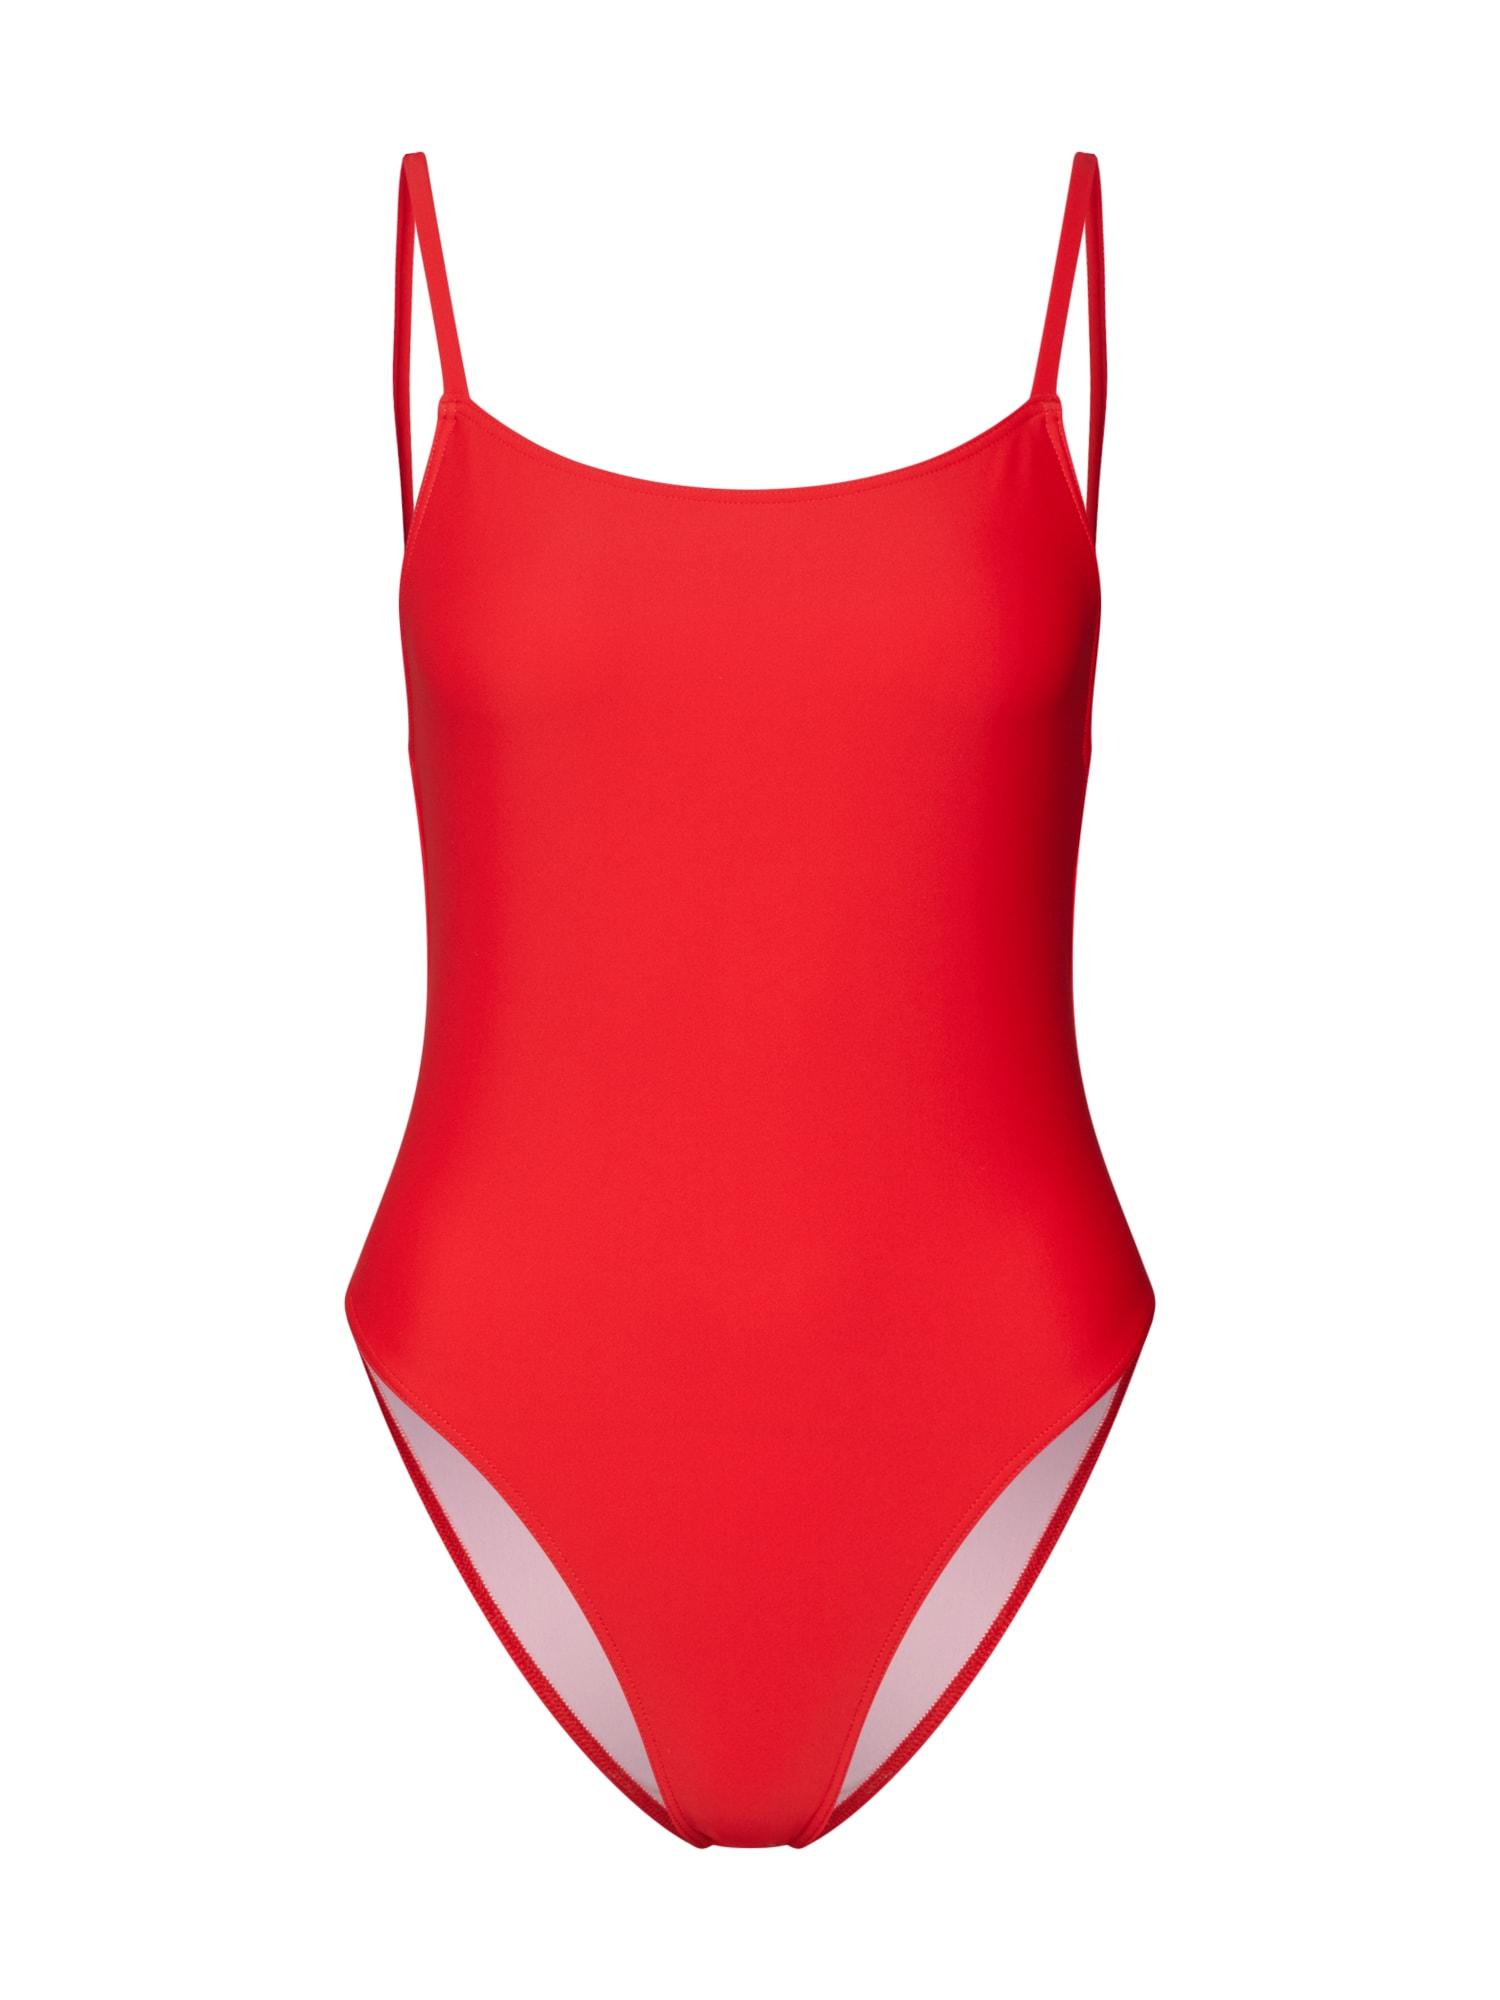 Plavky Paola červená ABOUT YOU X Sarina Nowak